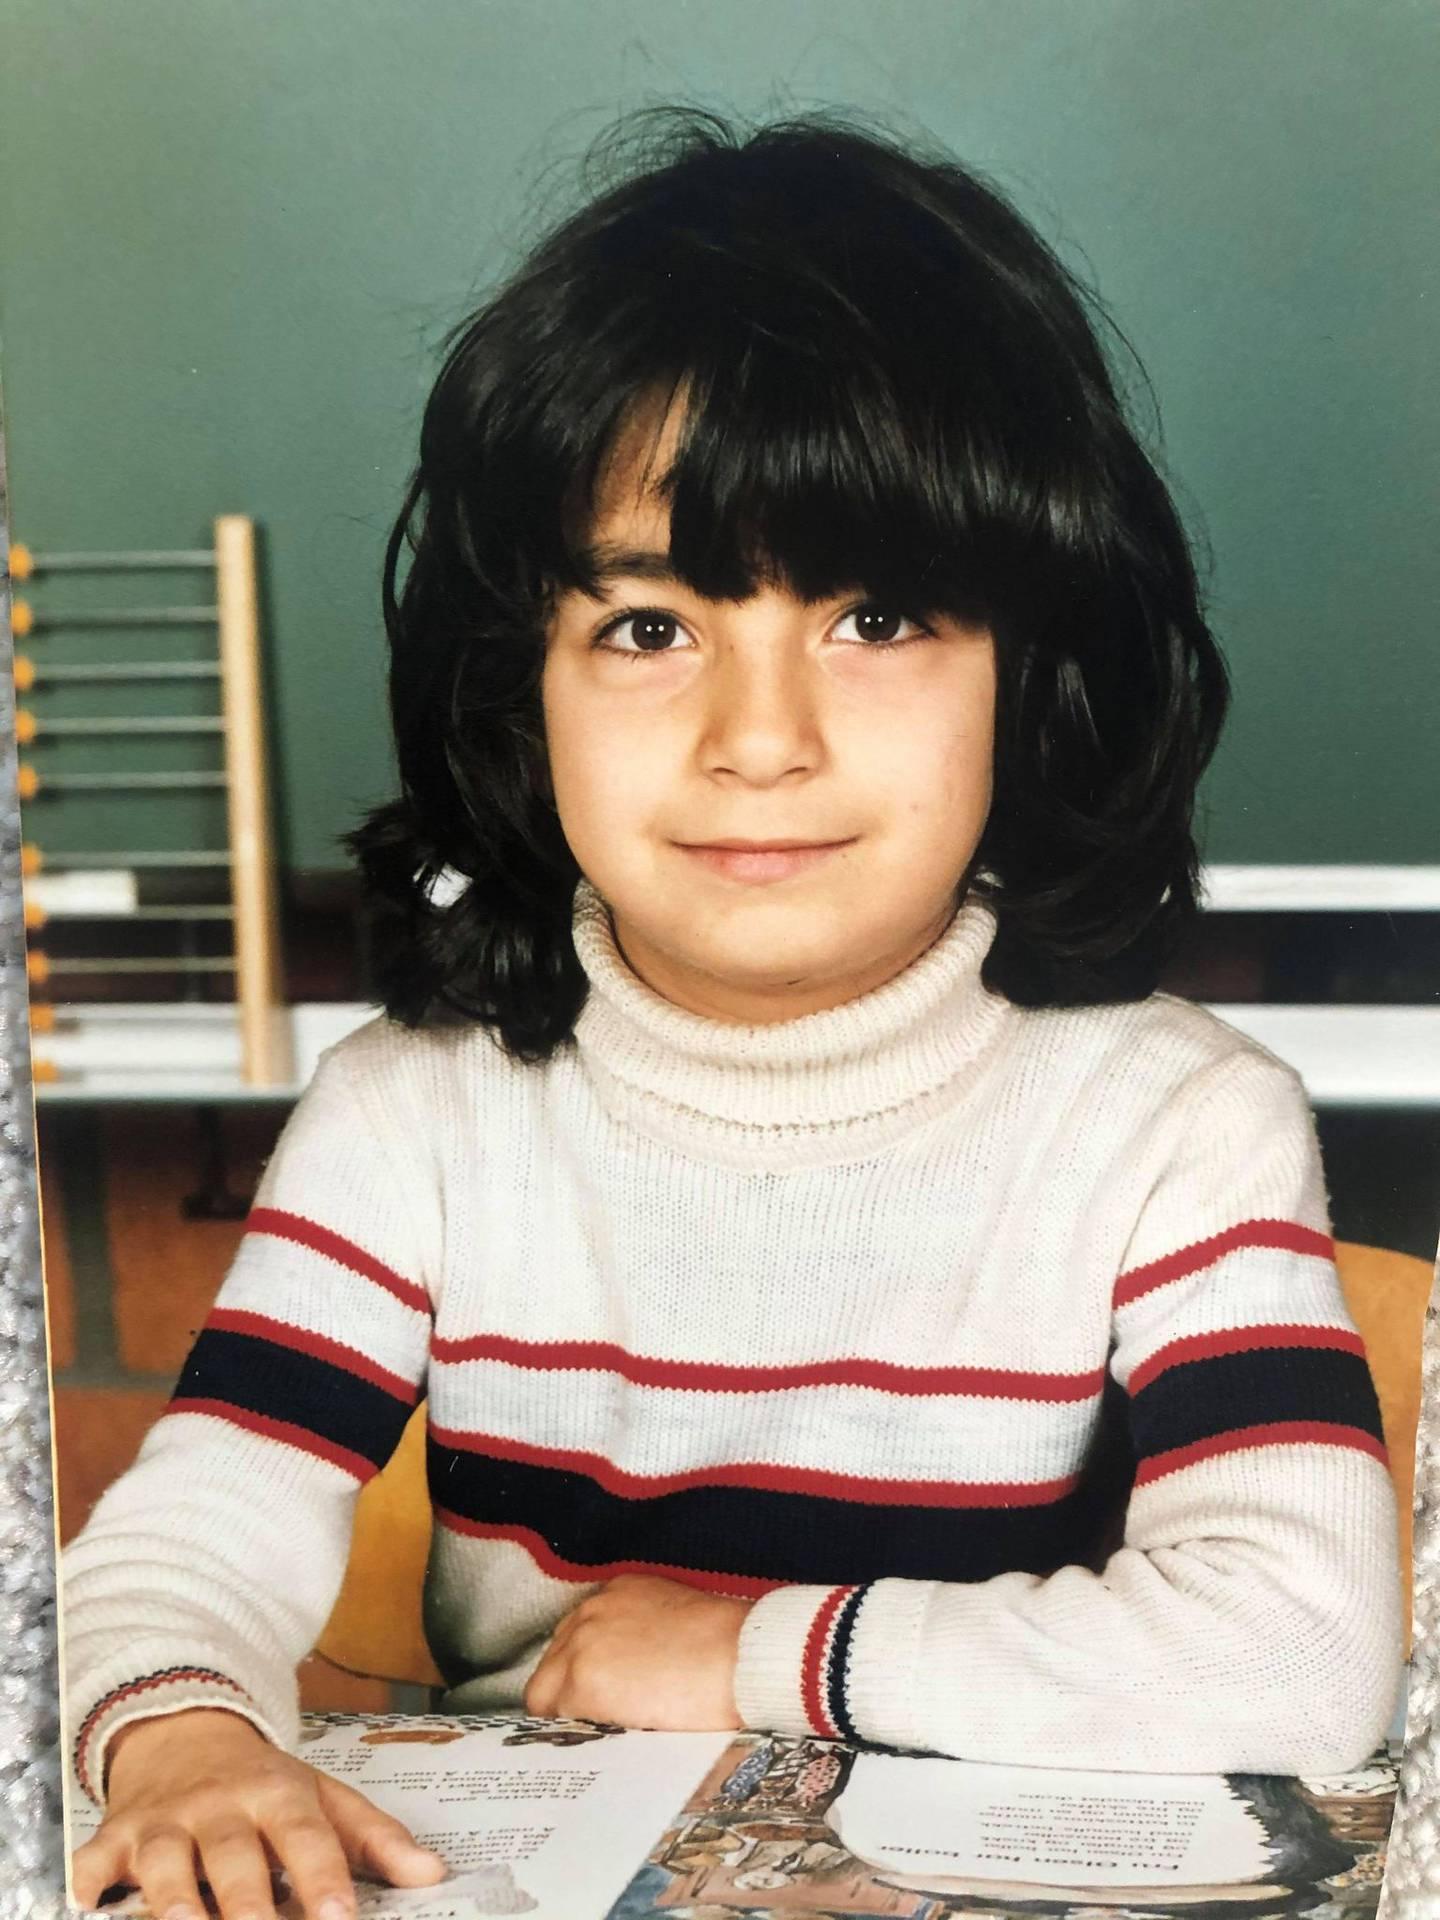 Sherry Hakimnejad hadde det fint på barneskolen, helt til tre iranske gutter begynte der.